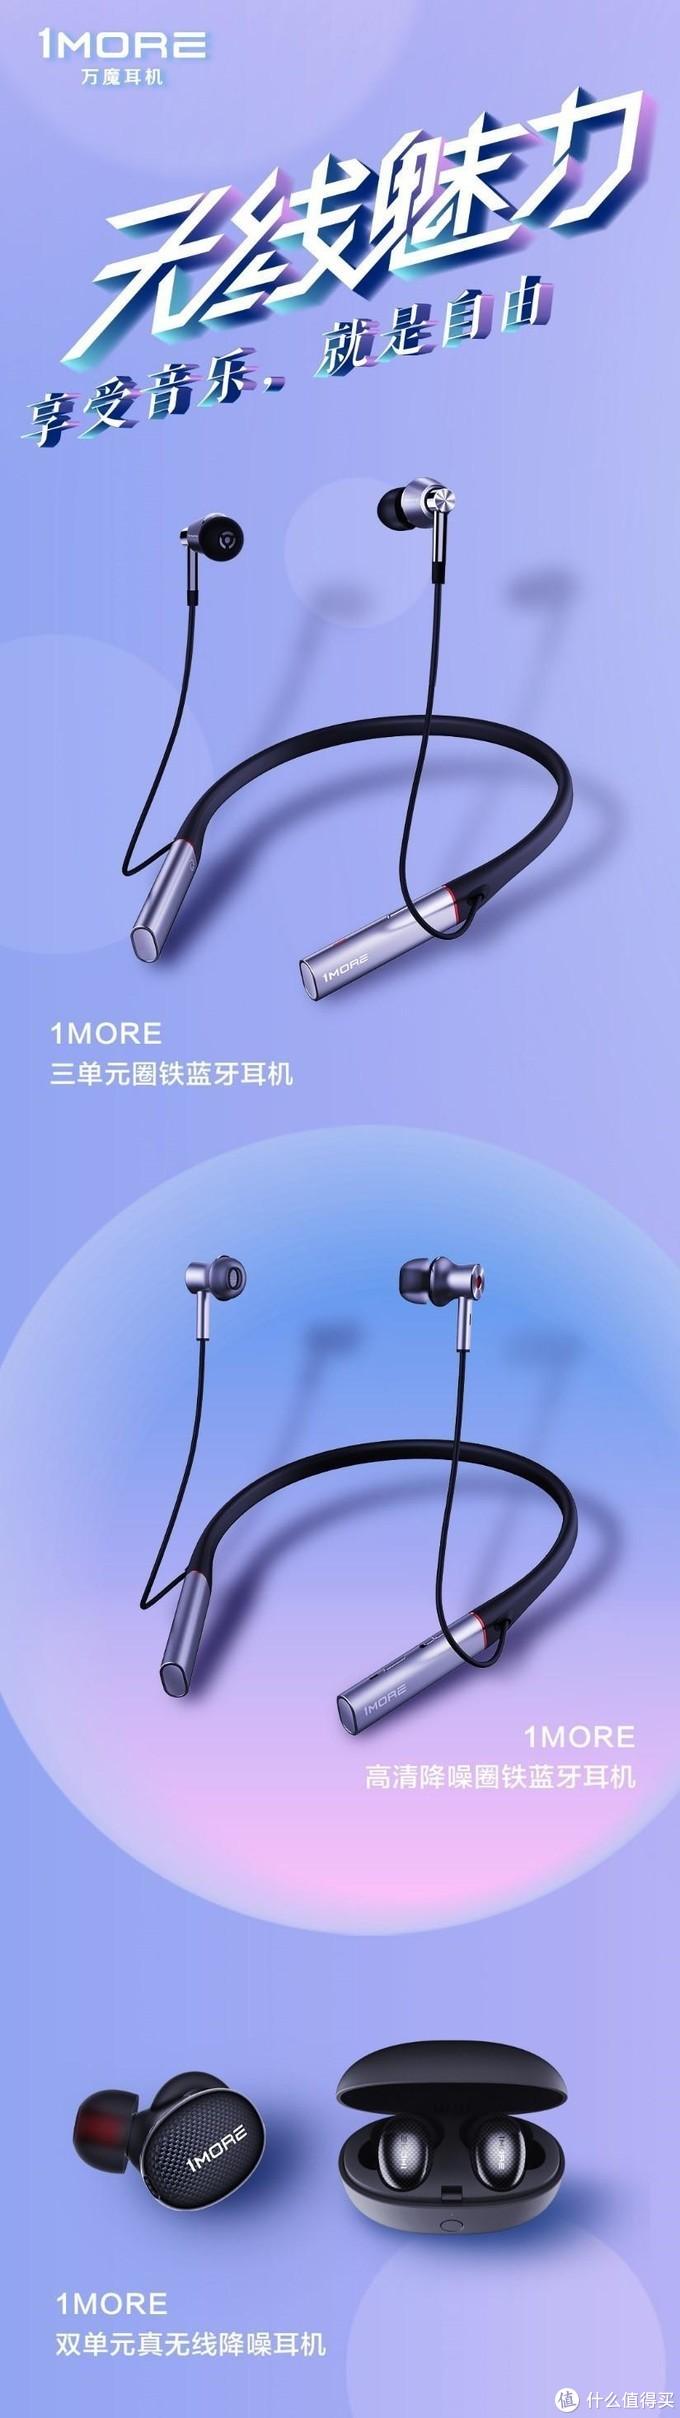 ↑无线HiFi系列:1MORE 双单元真无线降噪耳机/三单元圈铁蓝牙耳机/高清降噪圈铁蓝牙耳机